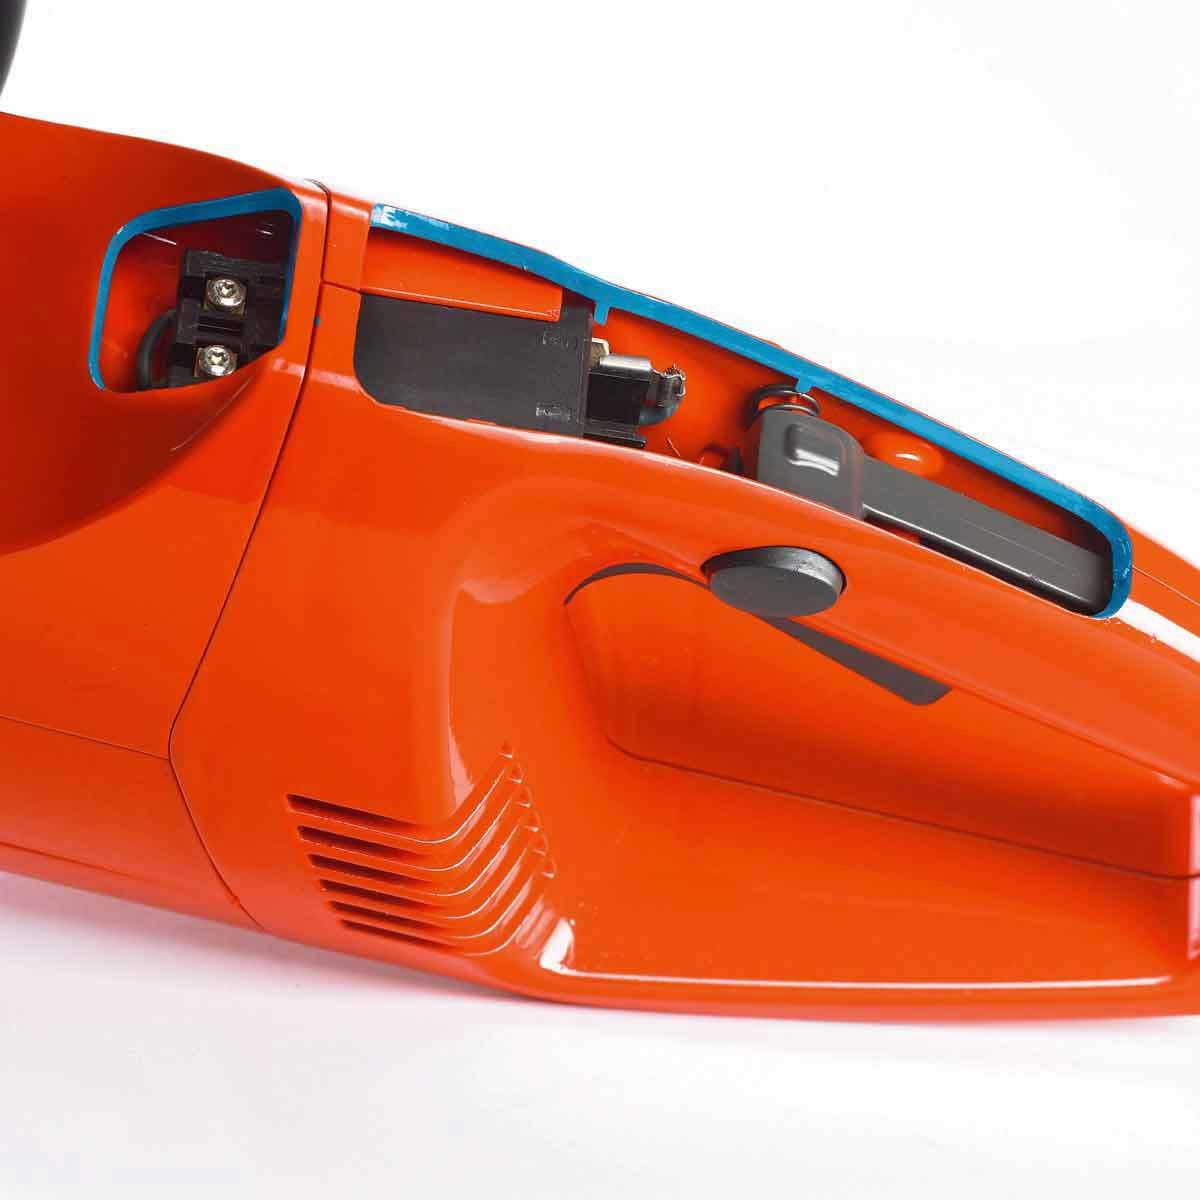 Husqvarna K3000 handle switch